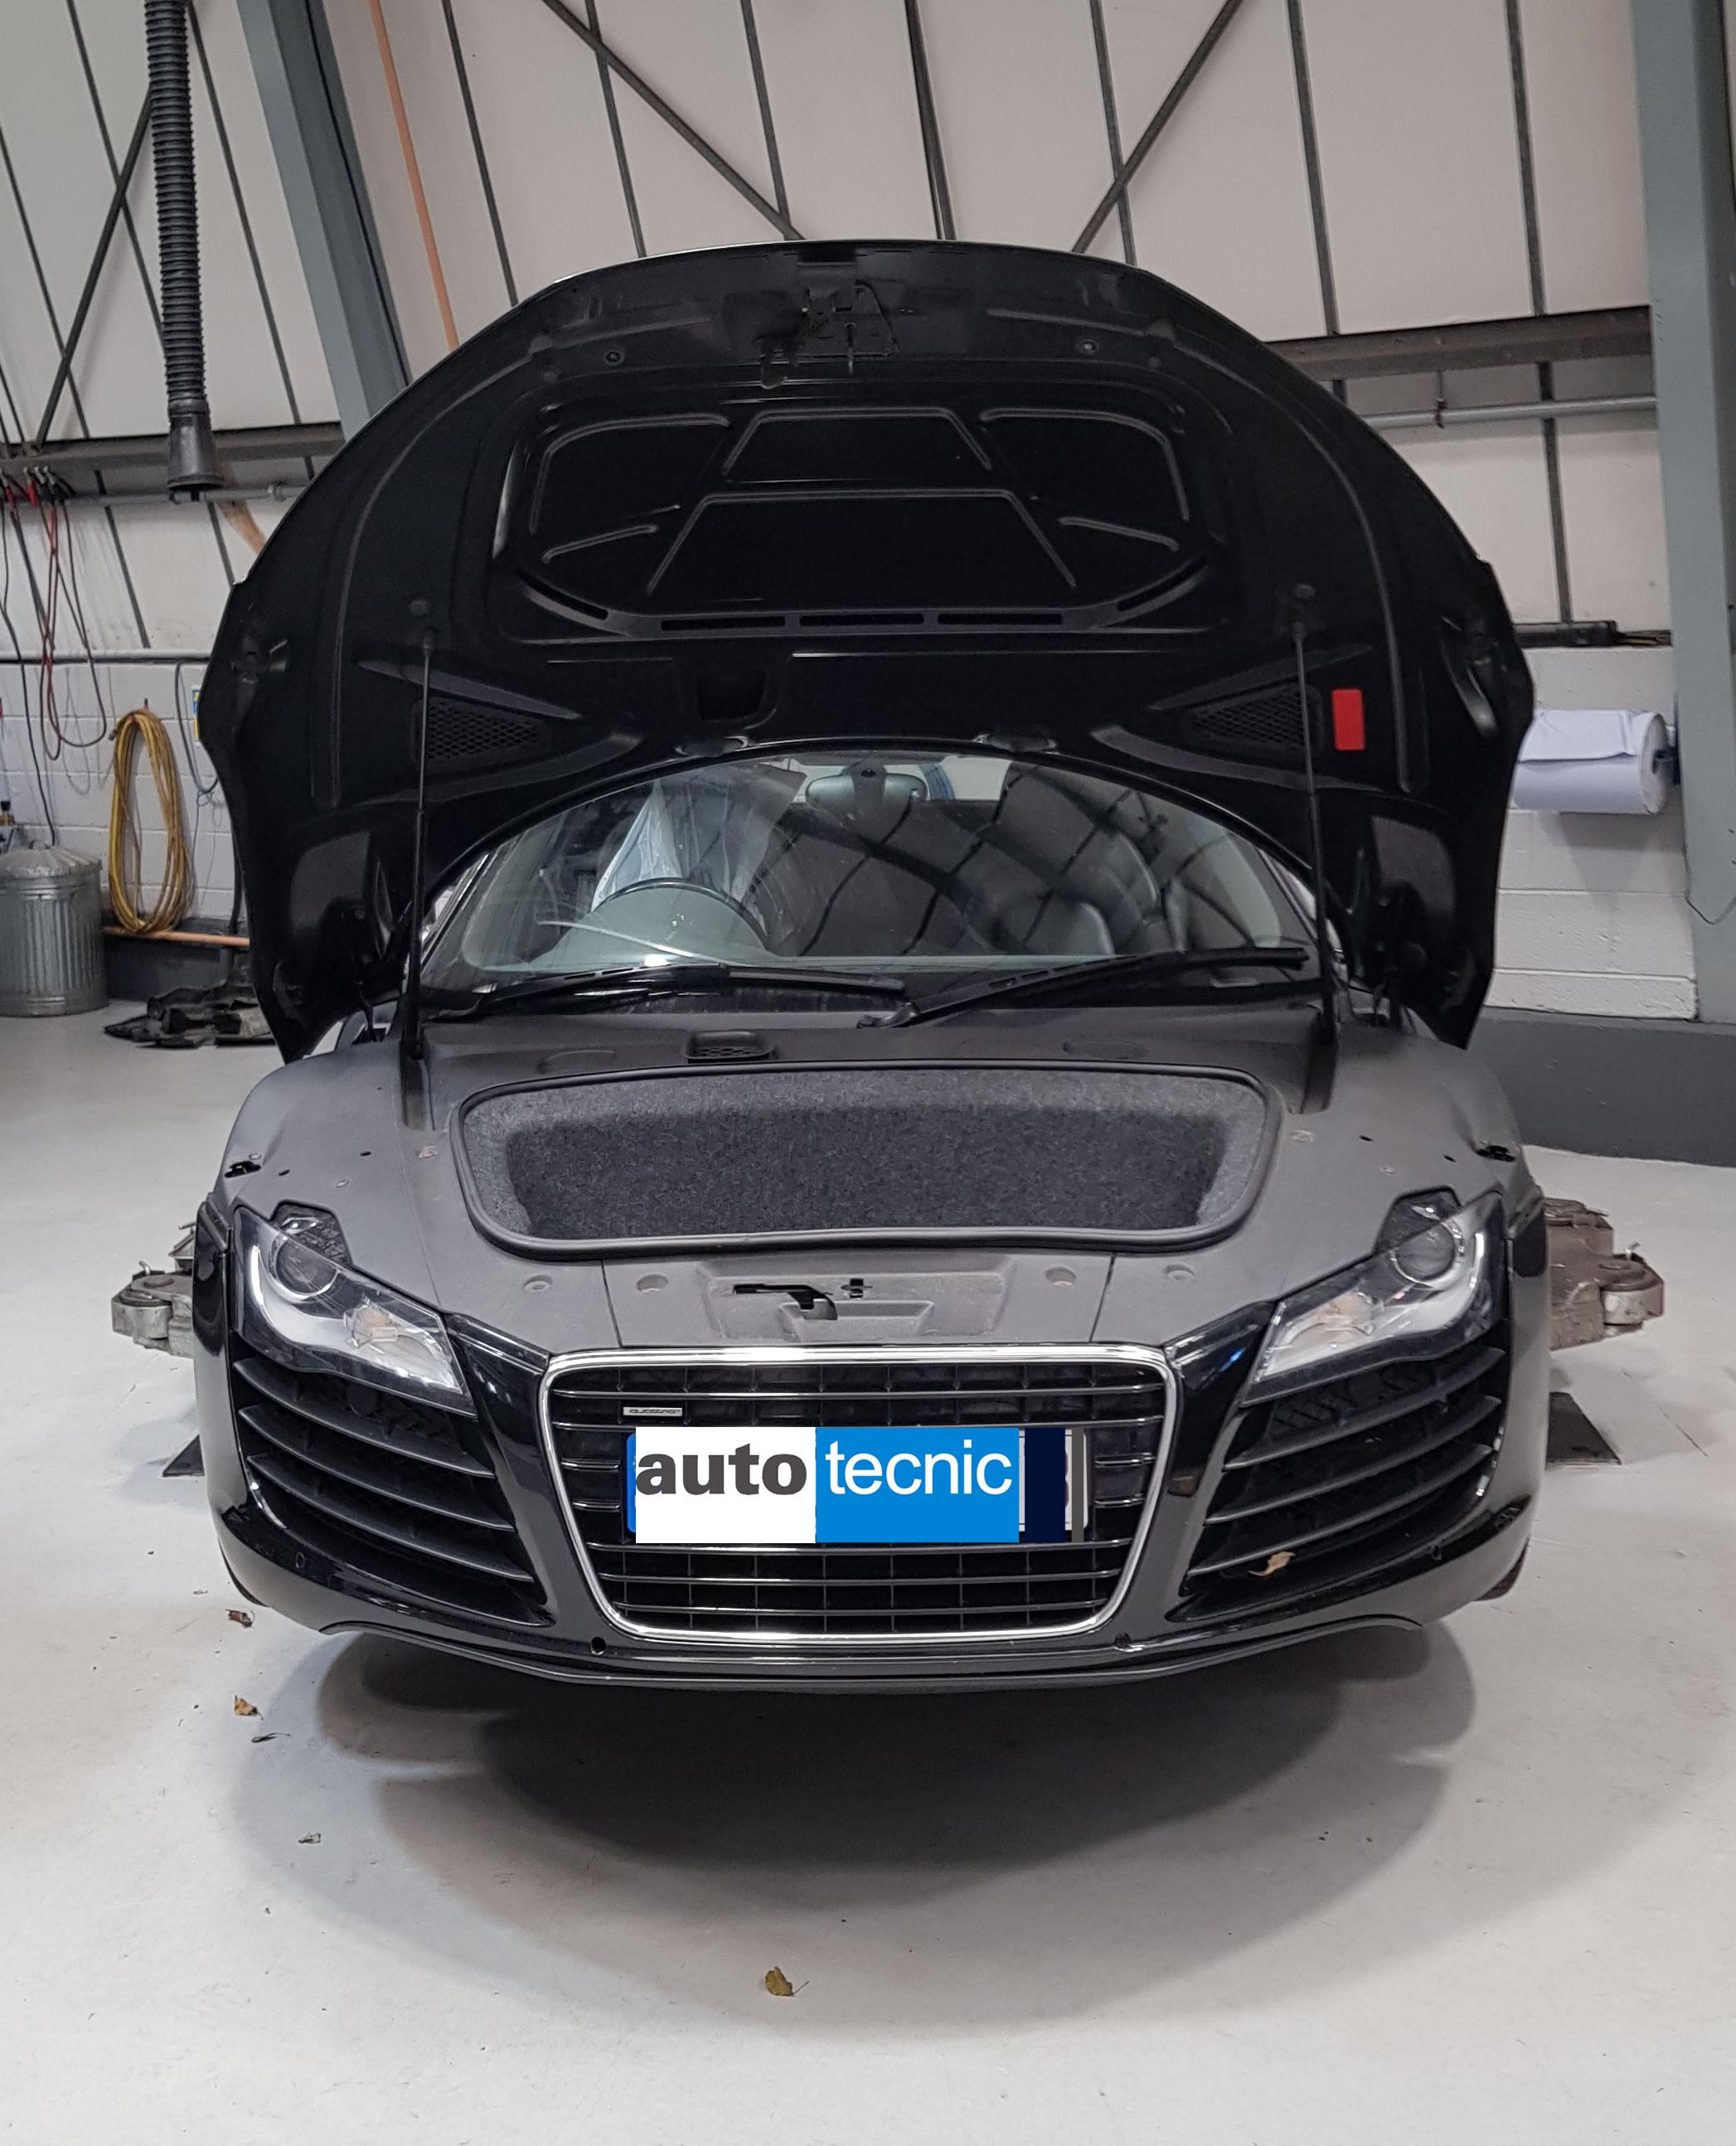 autotecnic - workshop - Audi R8